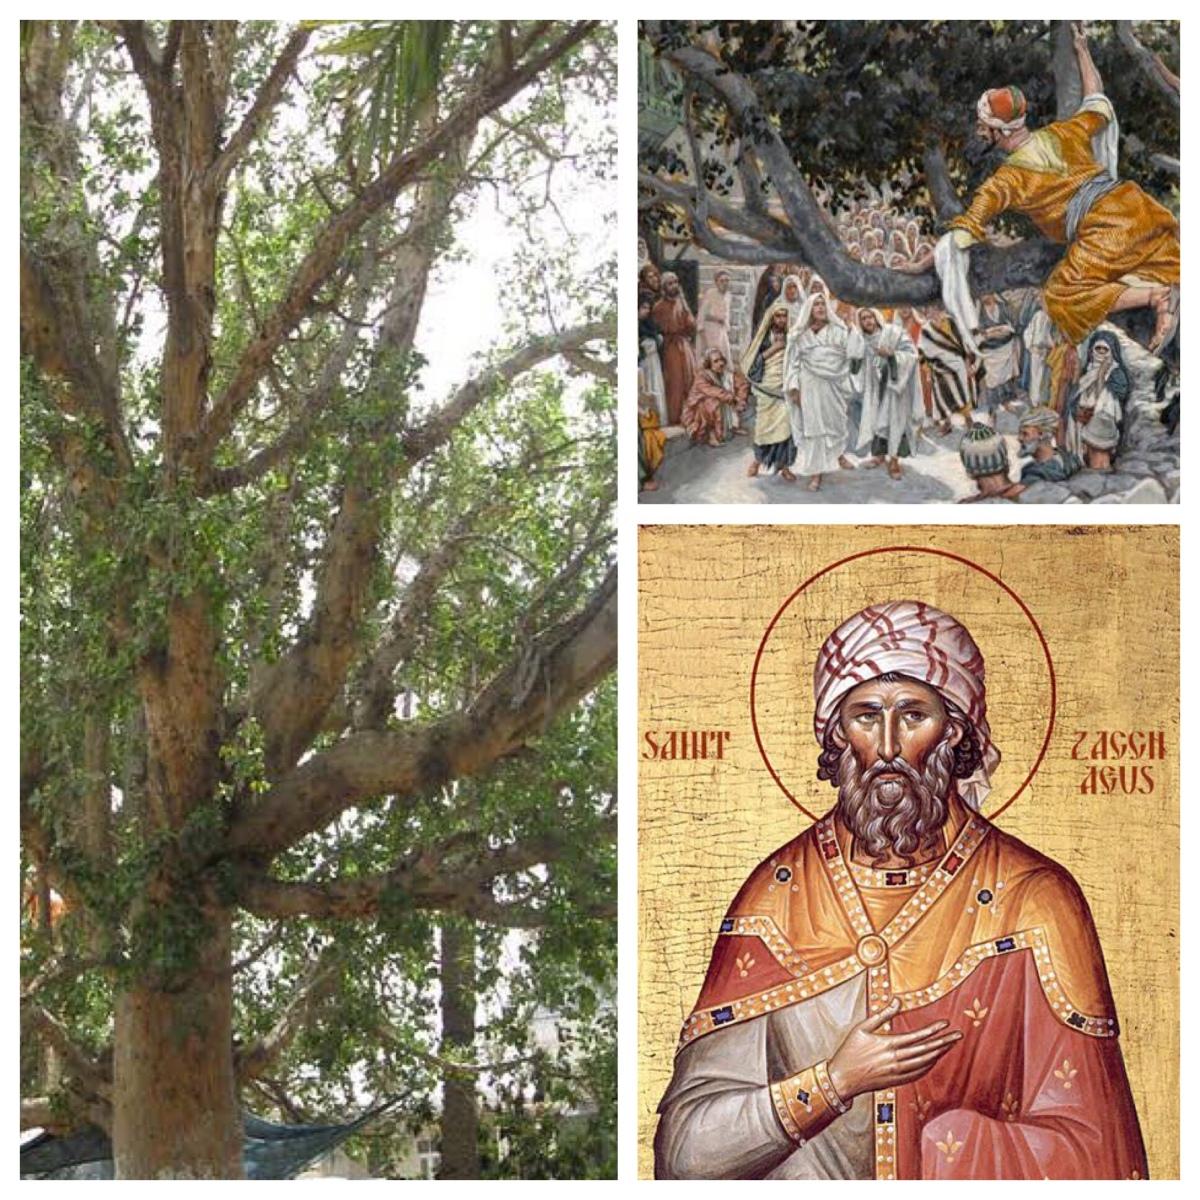 Zacchæus: patron saint of change and transition (Luke19)